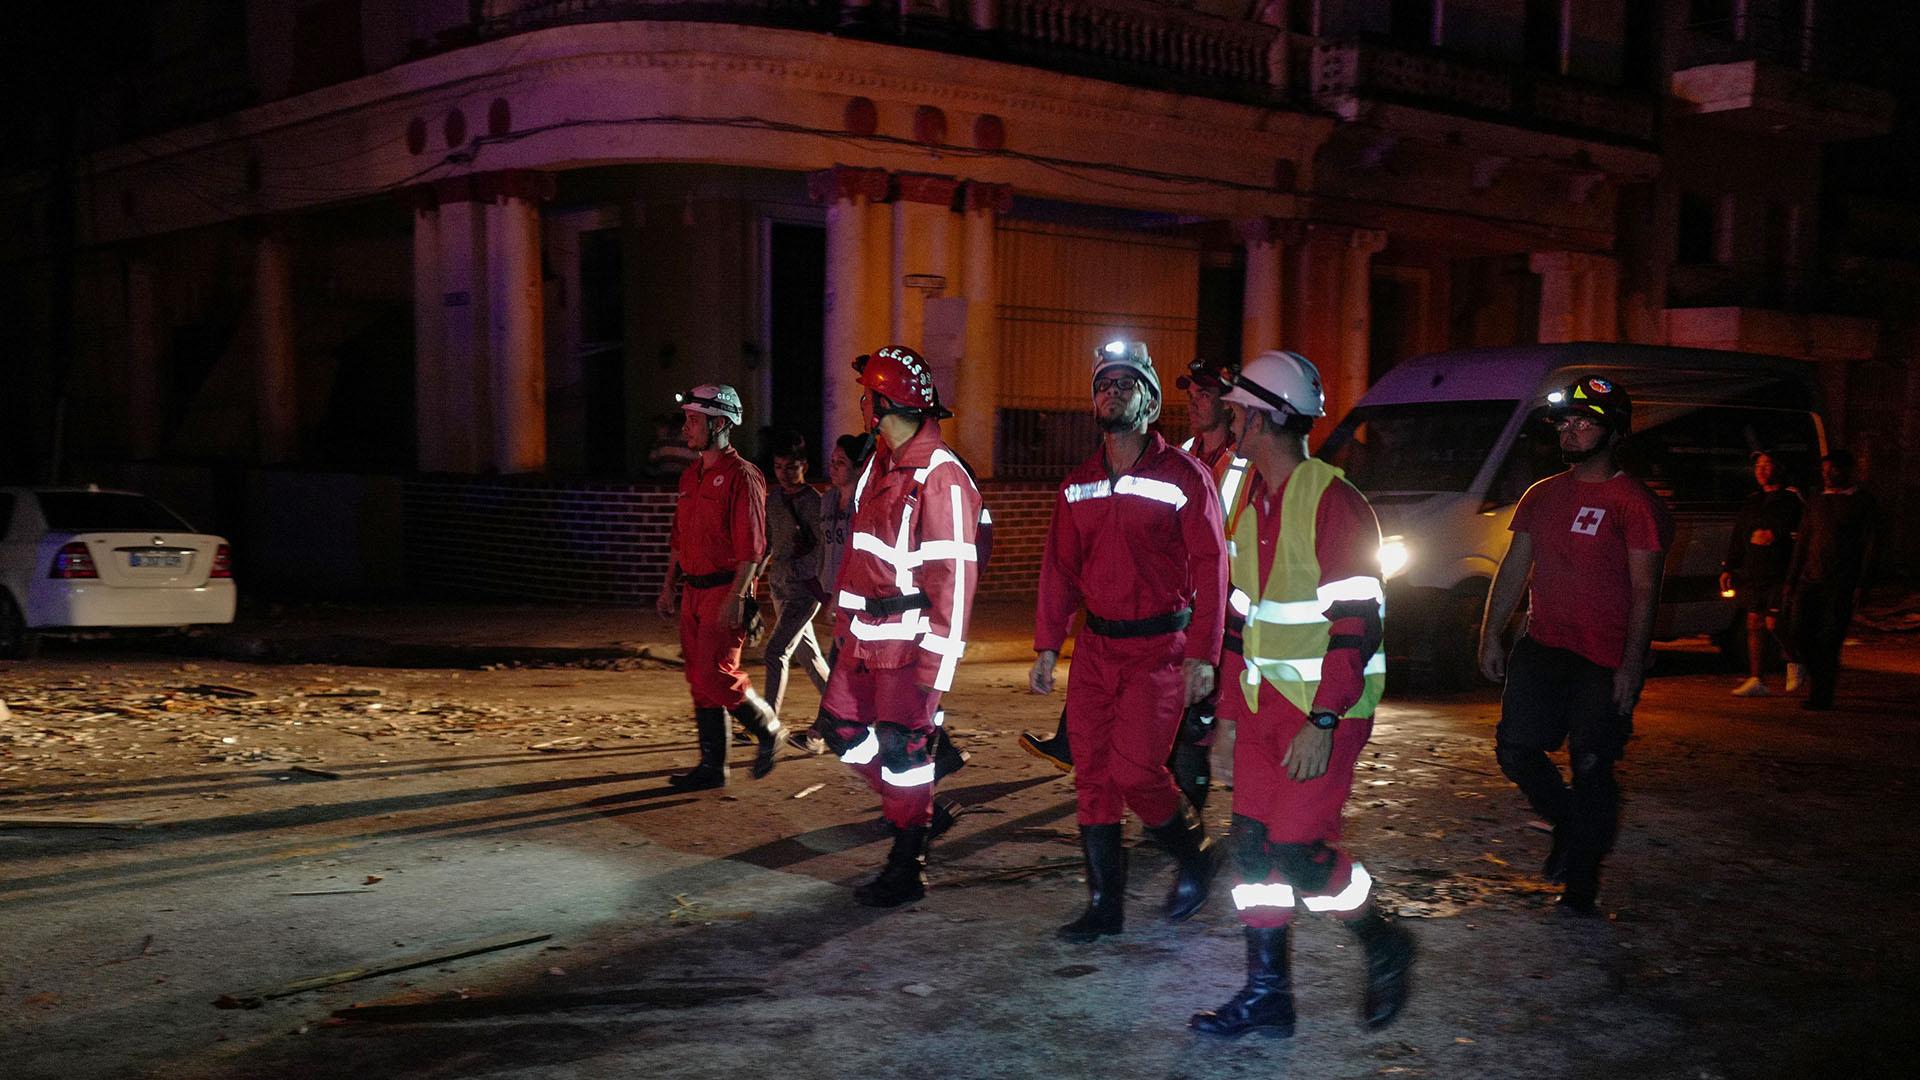 Los equipos de rescate trabajaron durante la noche para socorrer a los afectados (AFP)